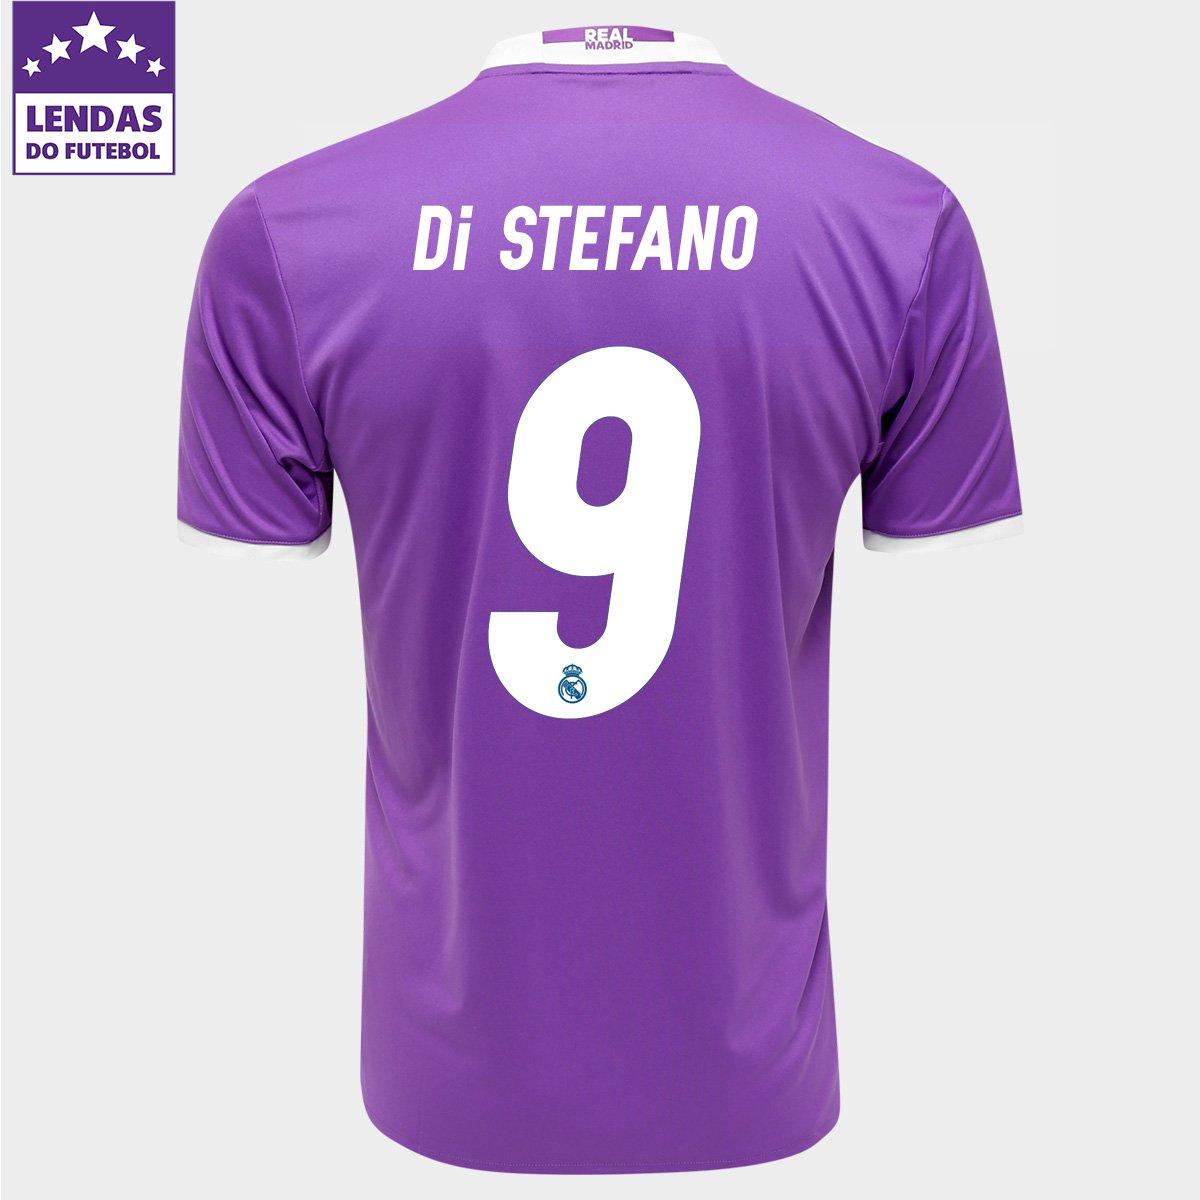 Camisa Adidas Real Madrid Away 16 17 nº 9 - Di Stéfano - Compre Agora  397e9126b82